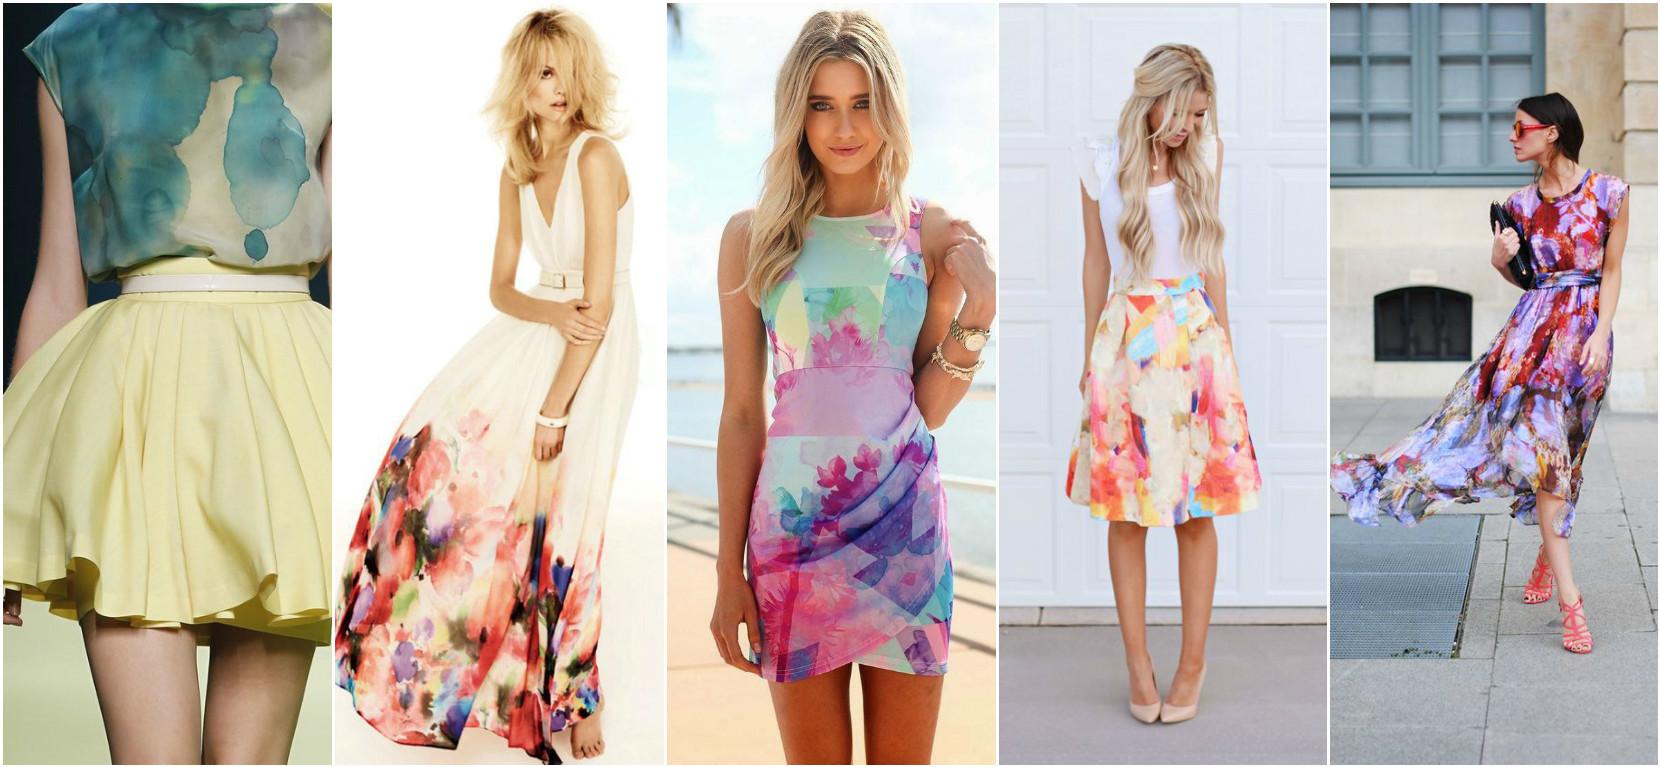 Модные платья 2017 на лето